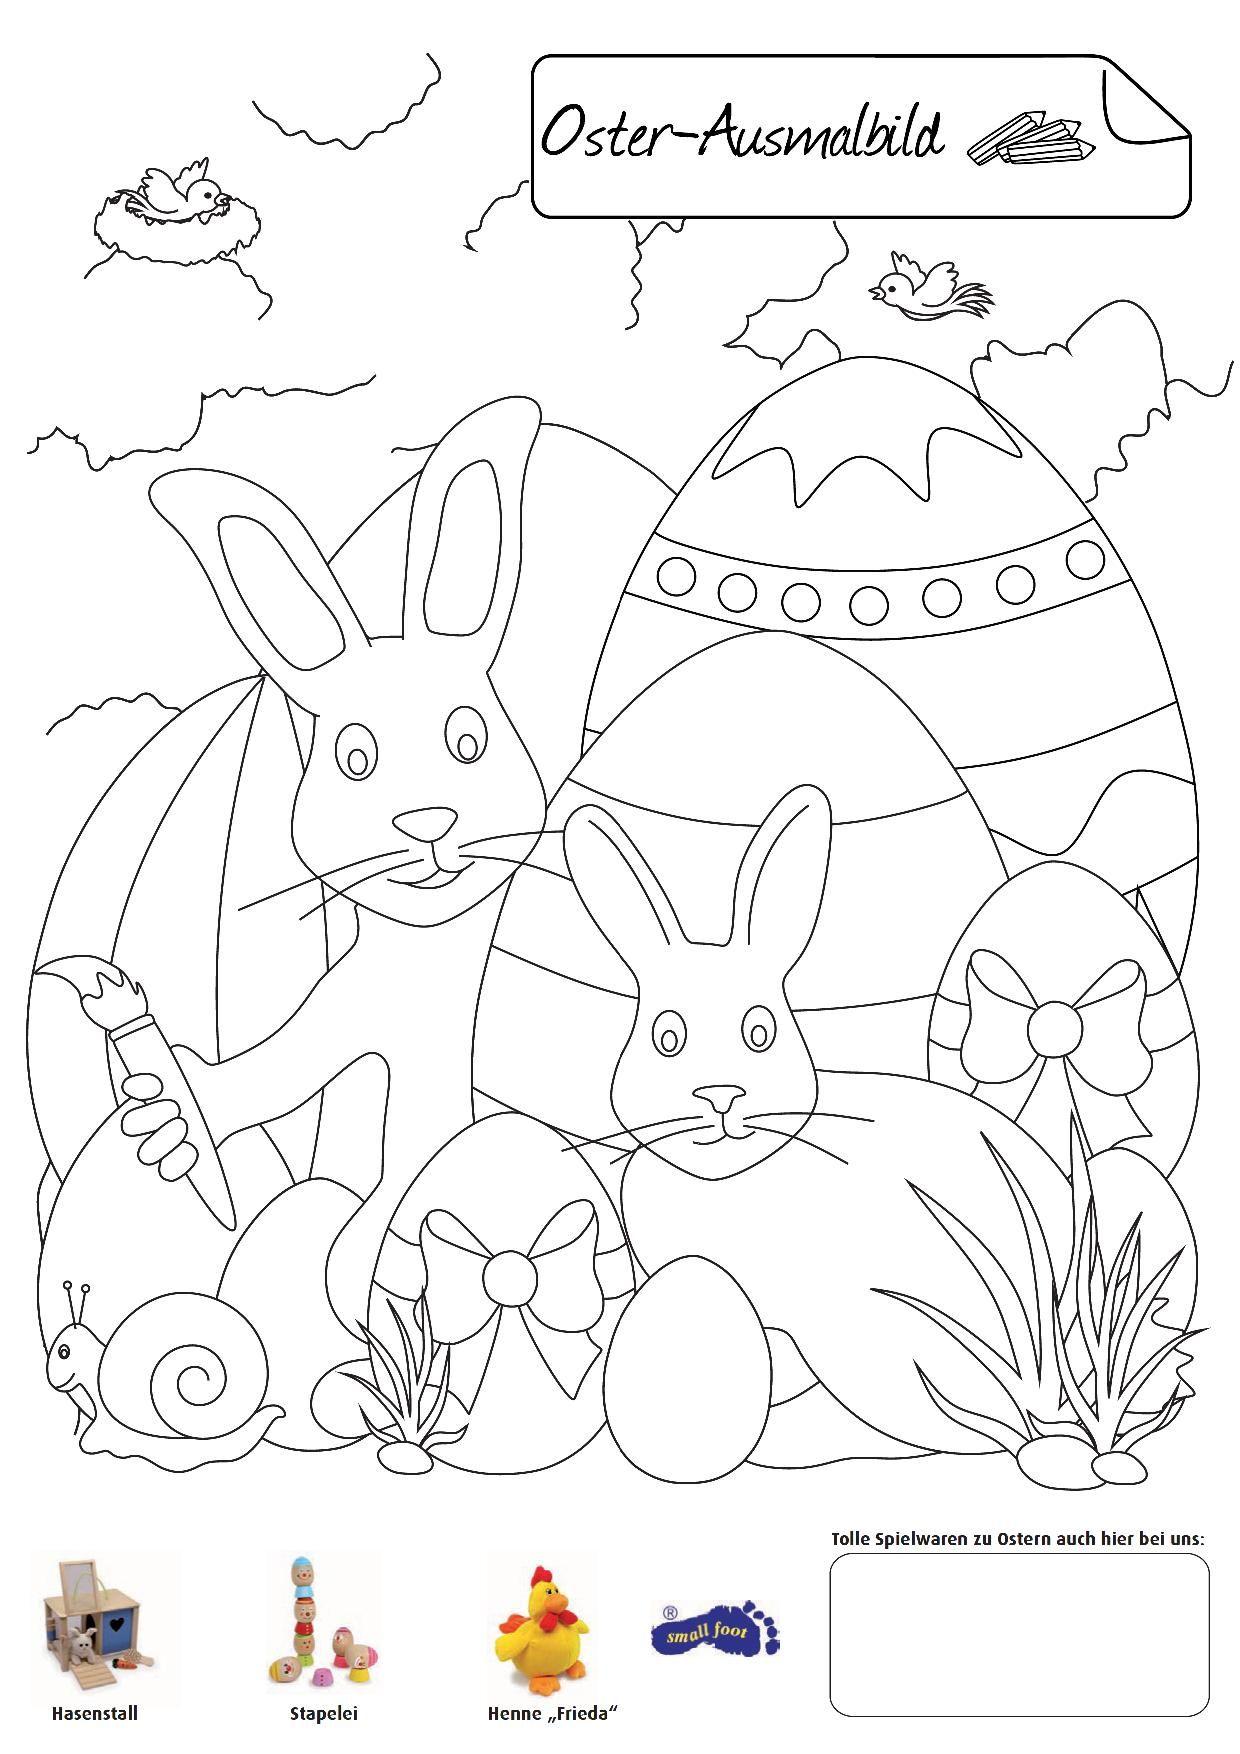 Oster-Ausmalbild. Eine weitere Malvorlage passend zum Osterfest ...